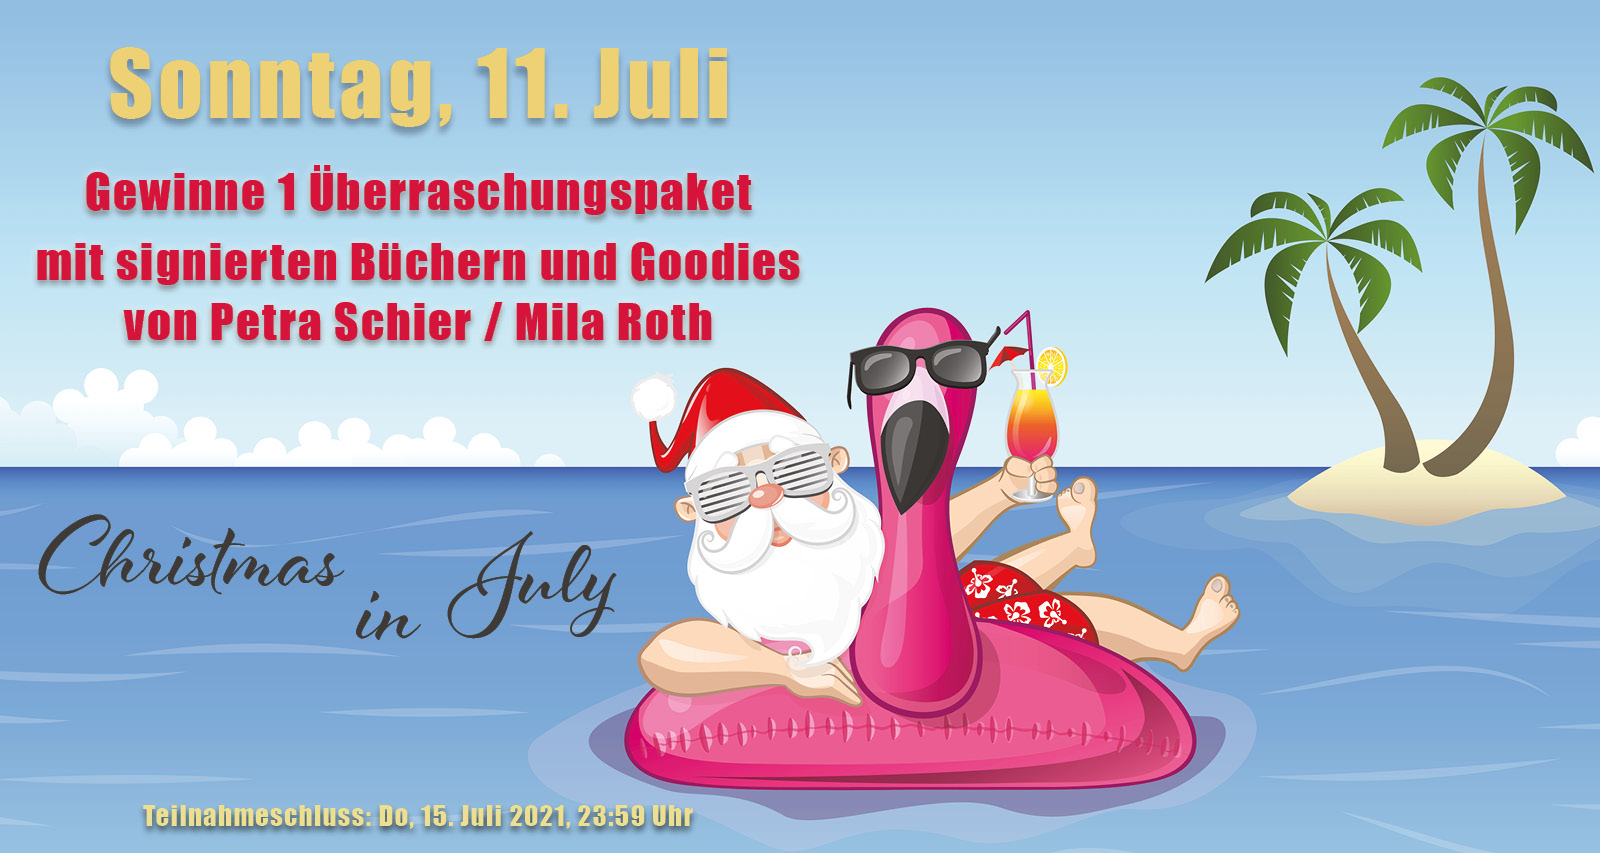 Christmas in July: Gewinnspiel ab 11. Juli 2021